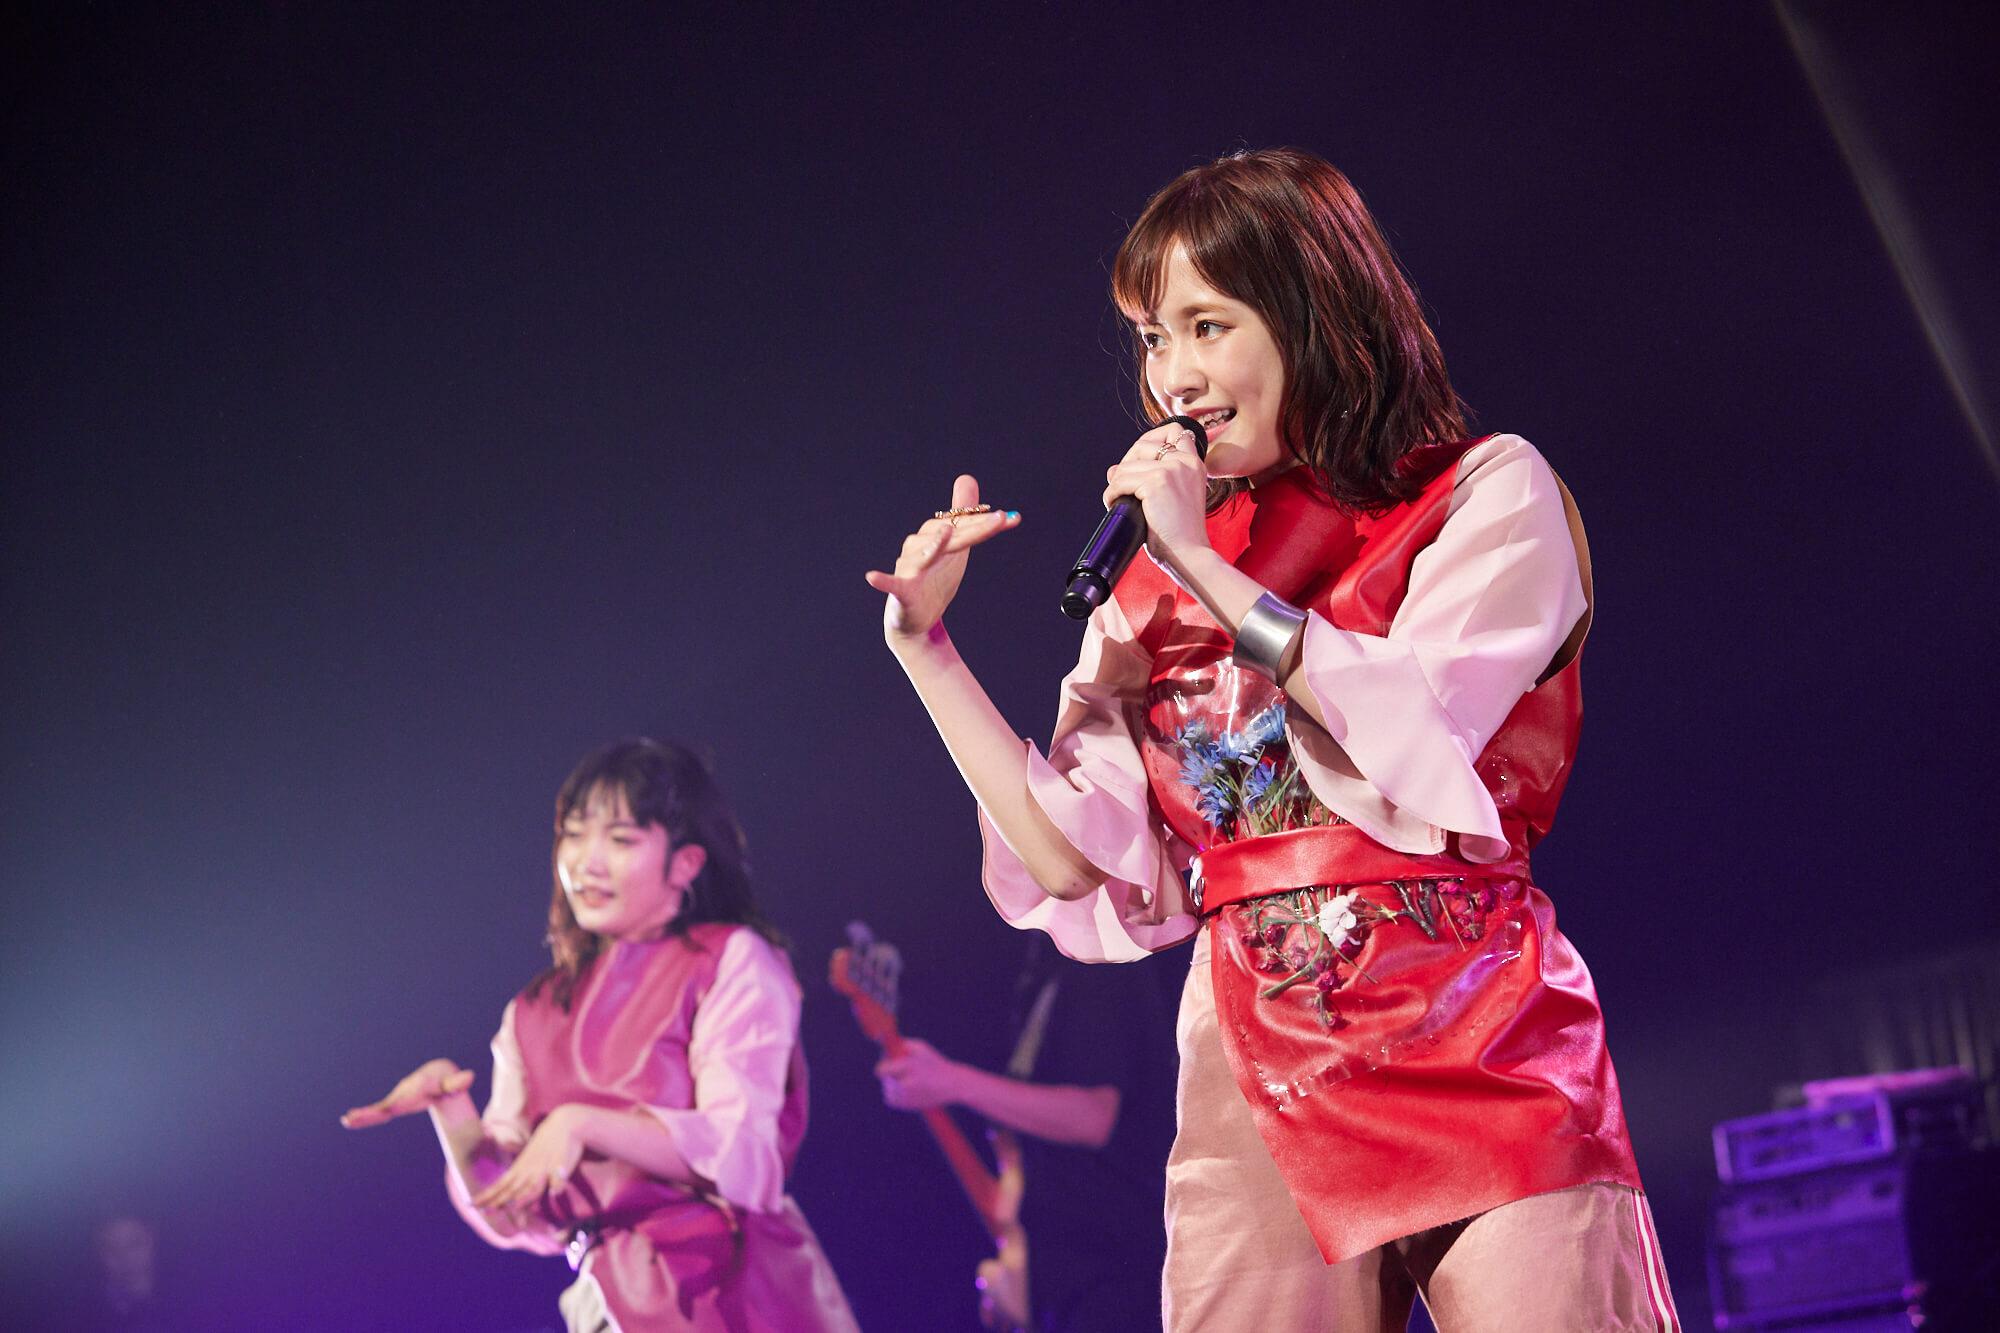 大原櫻子、ツアーファイナル公演の映像をGYAO!で7日間連続独占配信決定